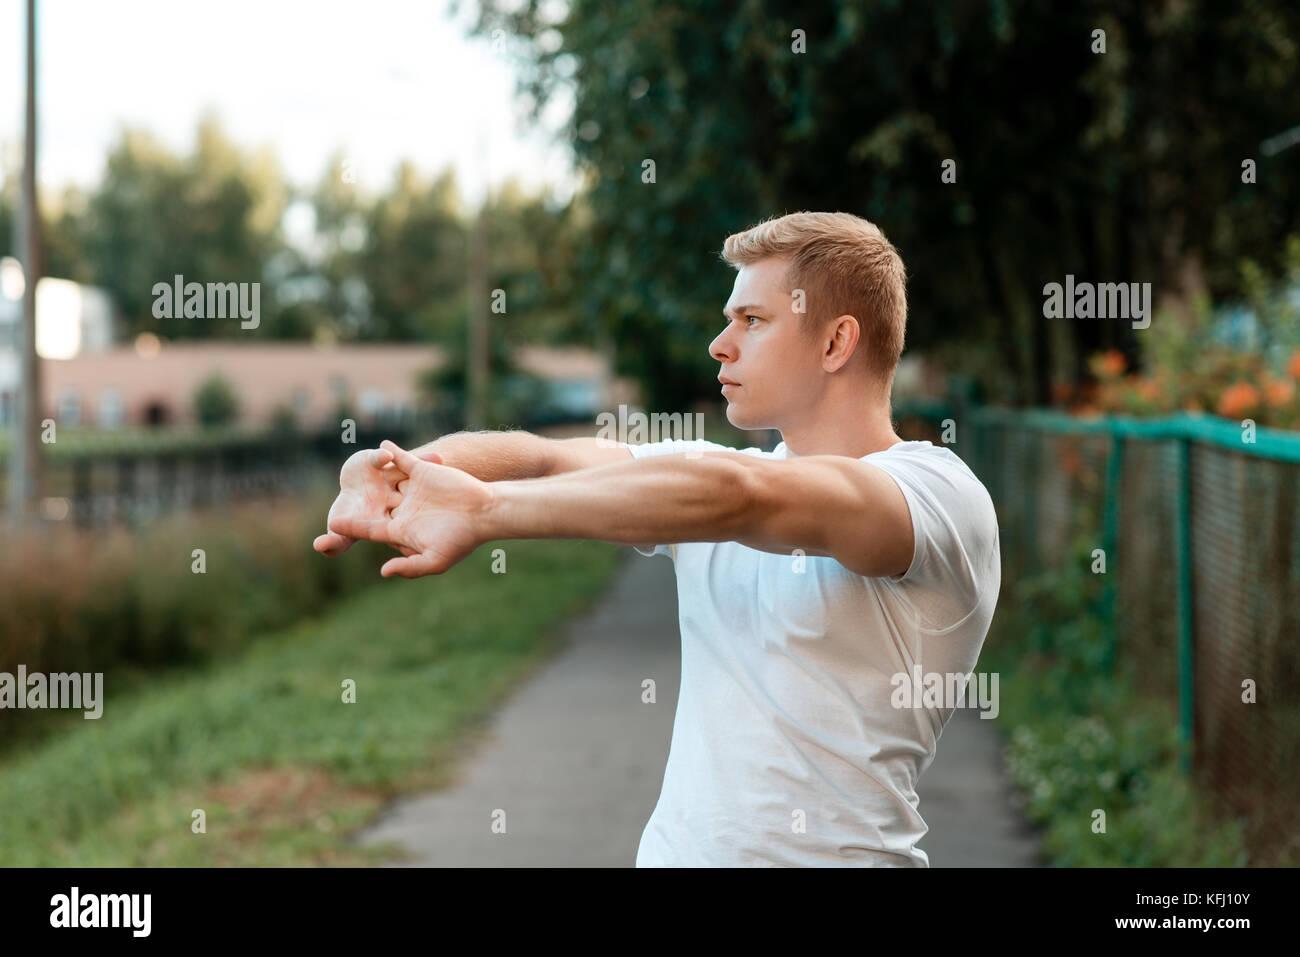 Warm-up atleta masculino en la naturaleza, la calle en la ciudad, calentando los músculos de las manos. En Imagen De Stock